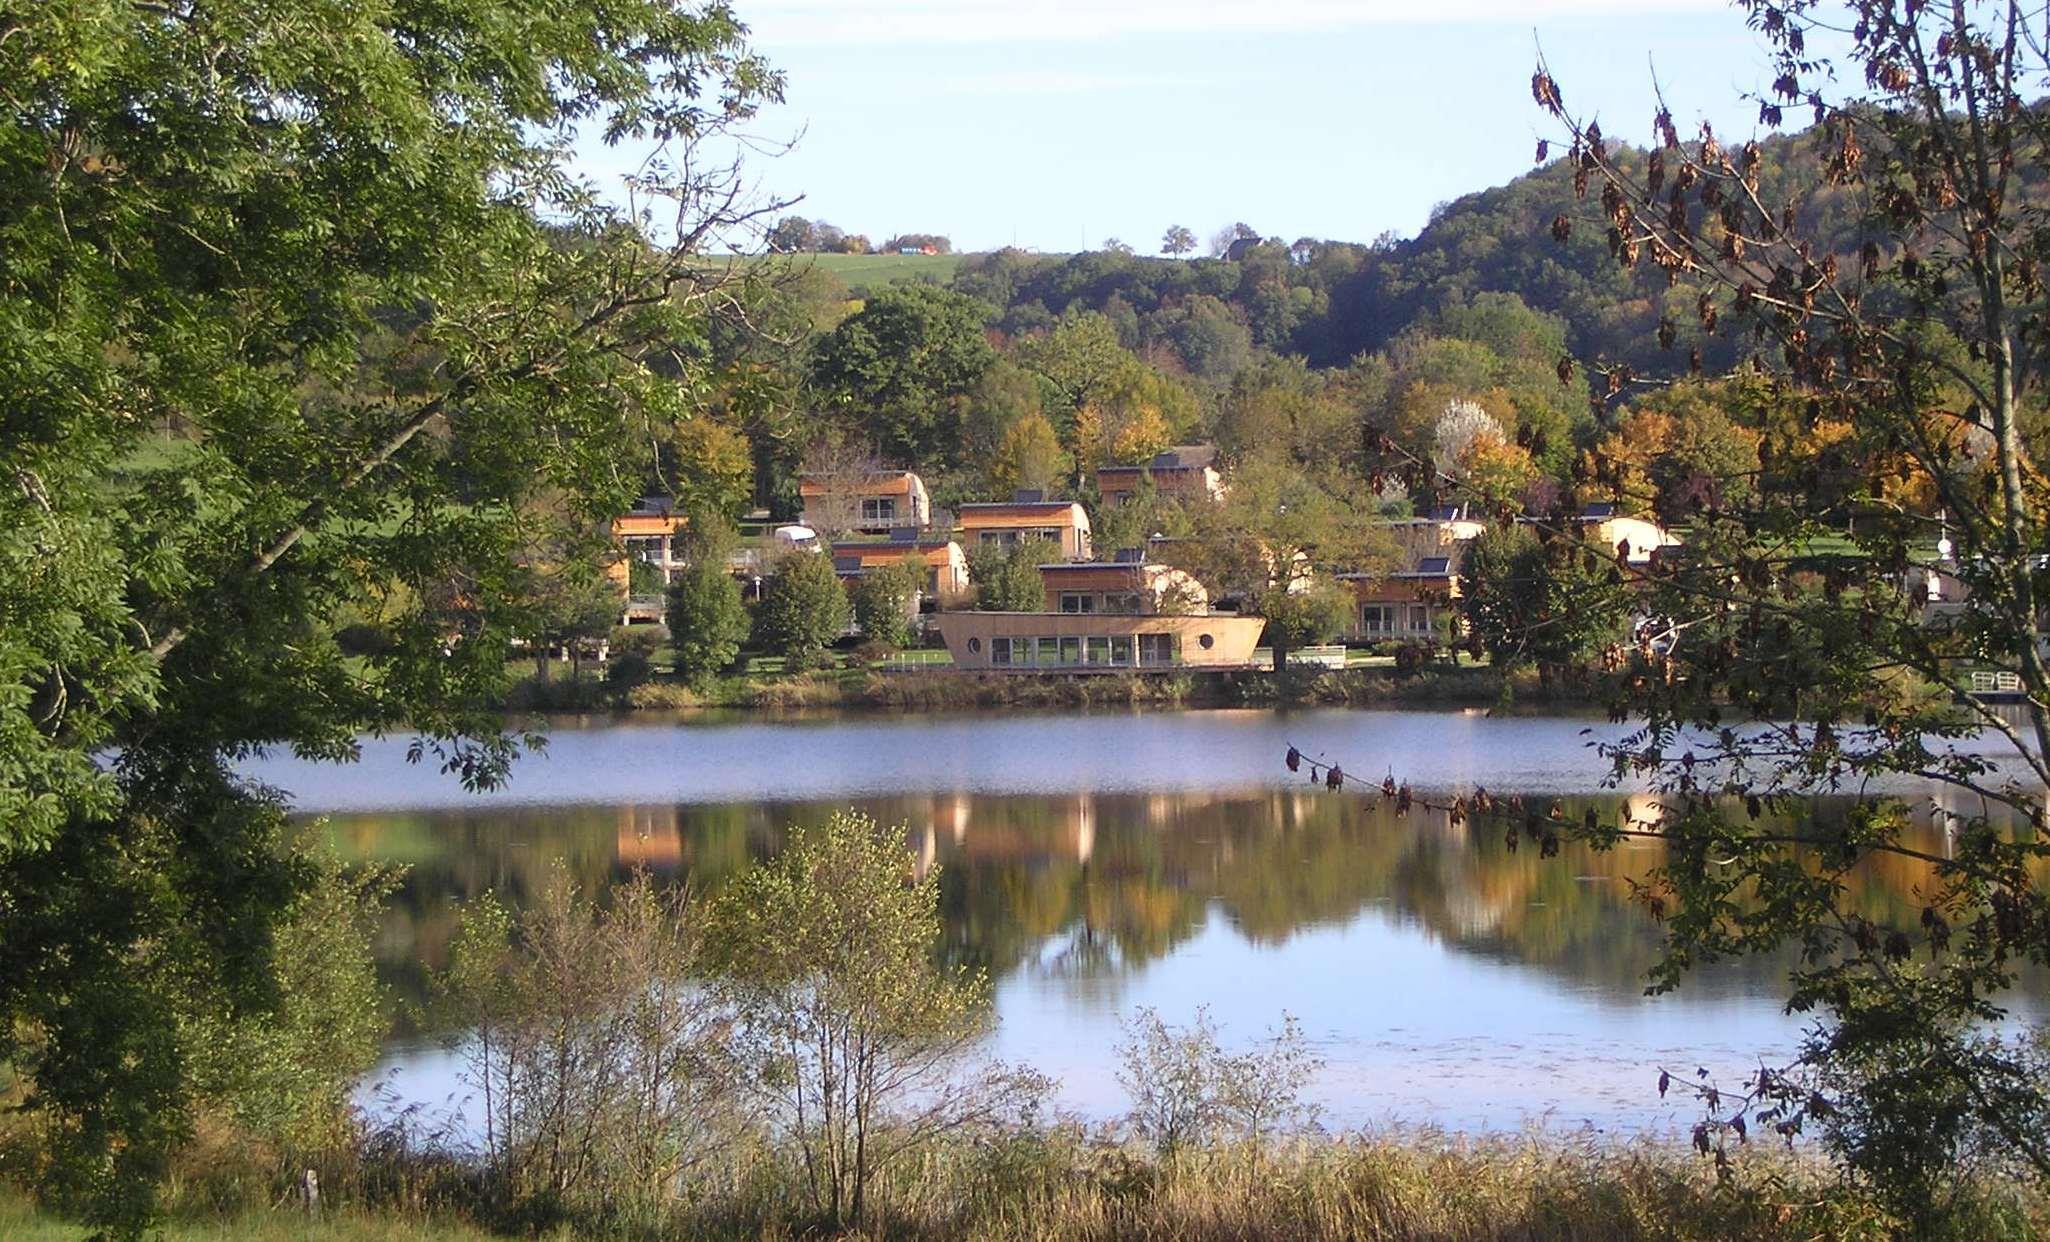 Village Vacances du Lac de Menet, Menet, Cantal